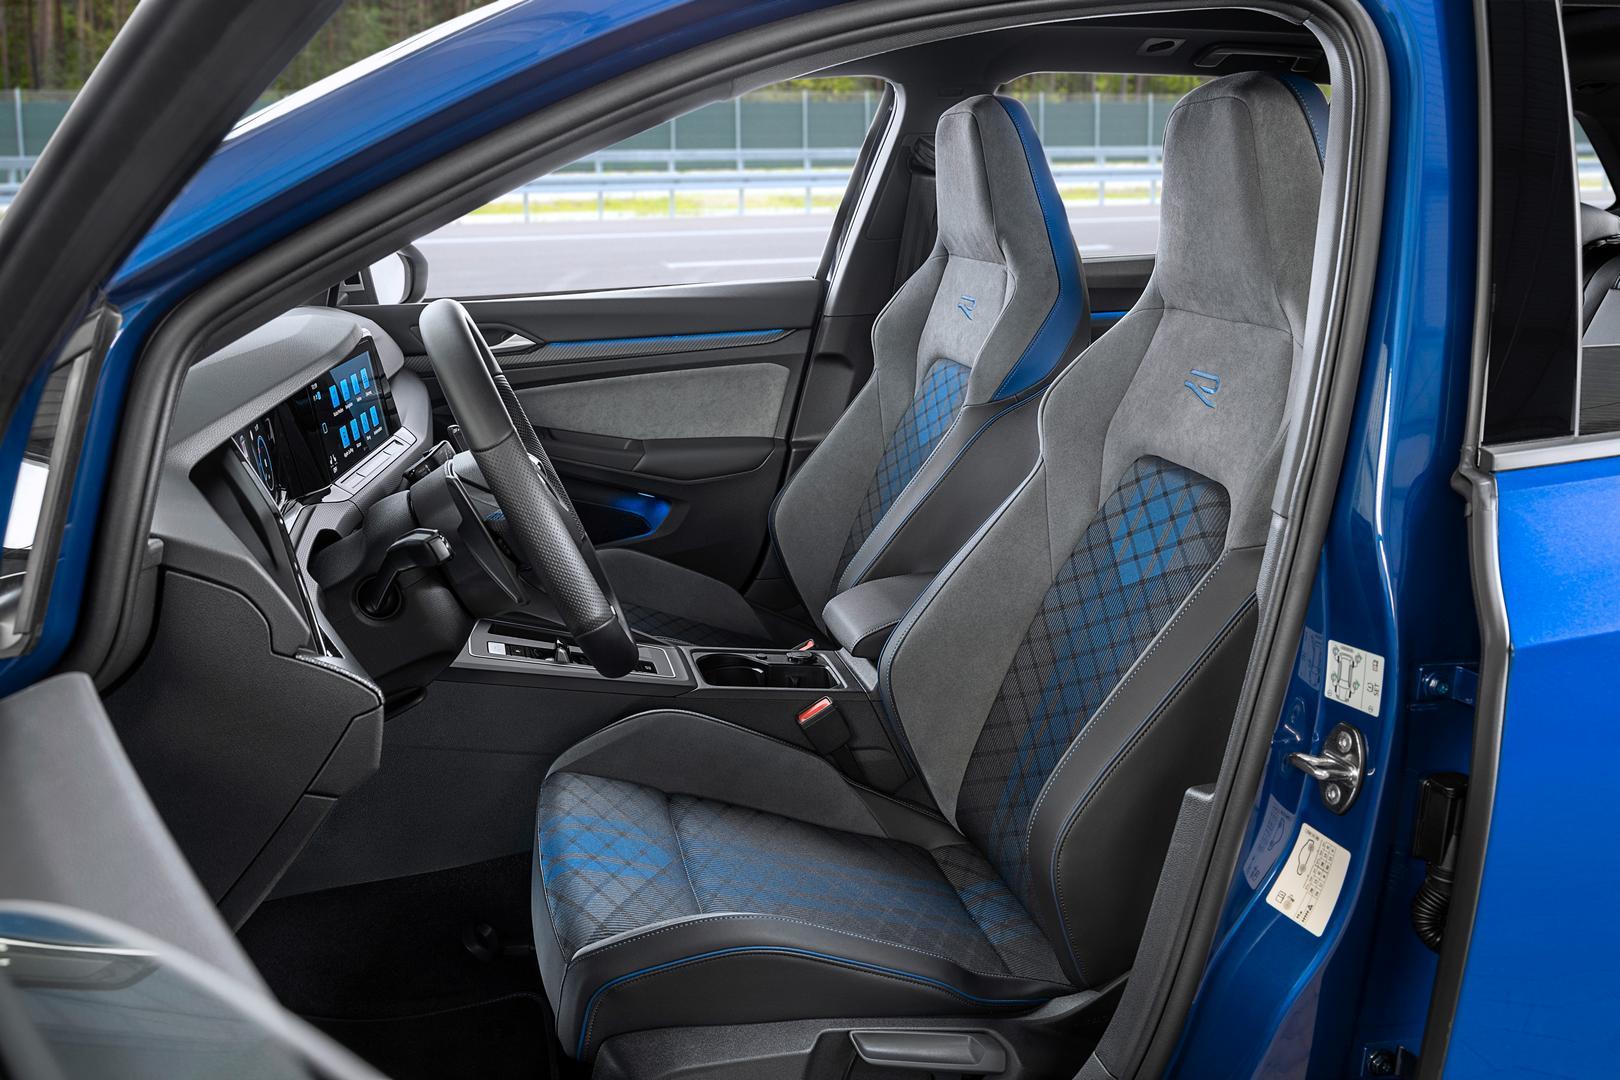 VW Golf 8 R Estate seats